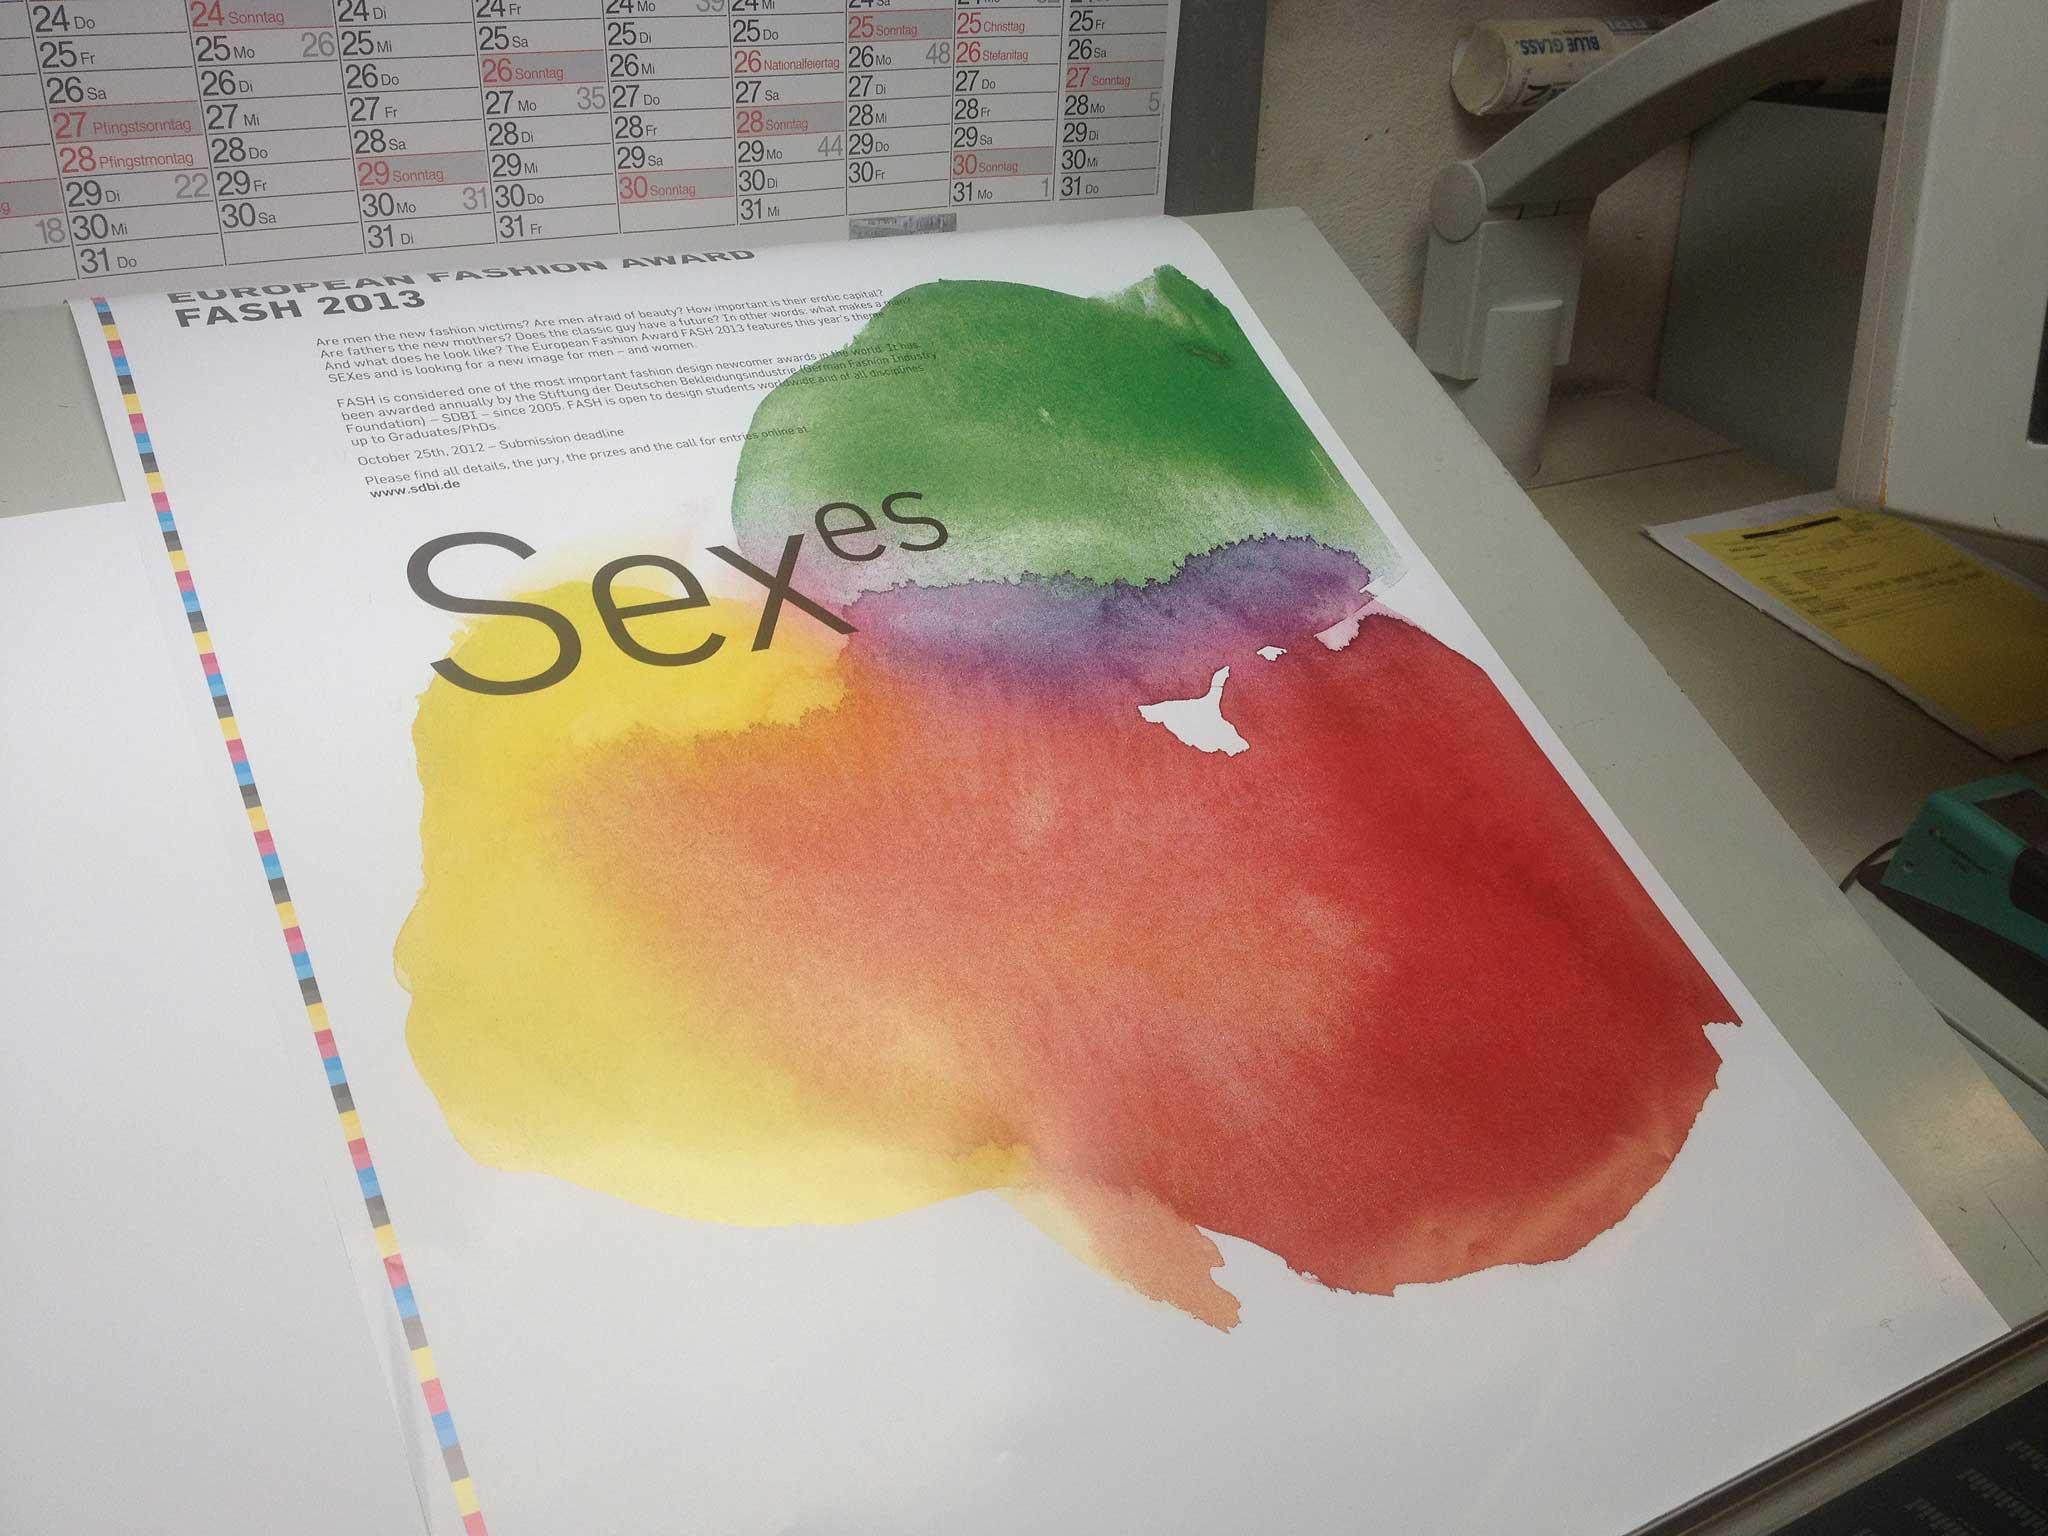 Durch das helle Licht in der Druckerei wirken die Farben auf dem Foto blasser als in der Realität.